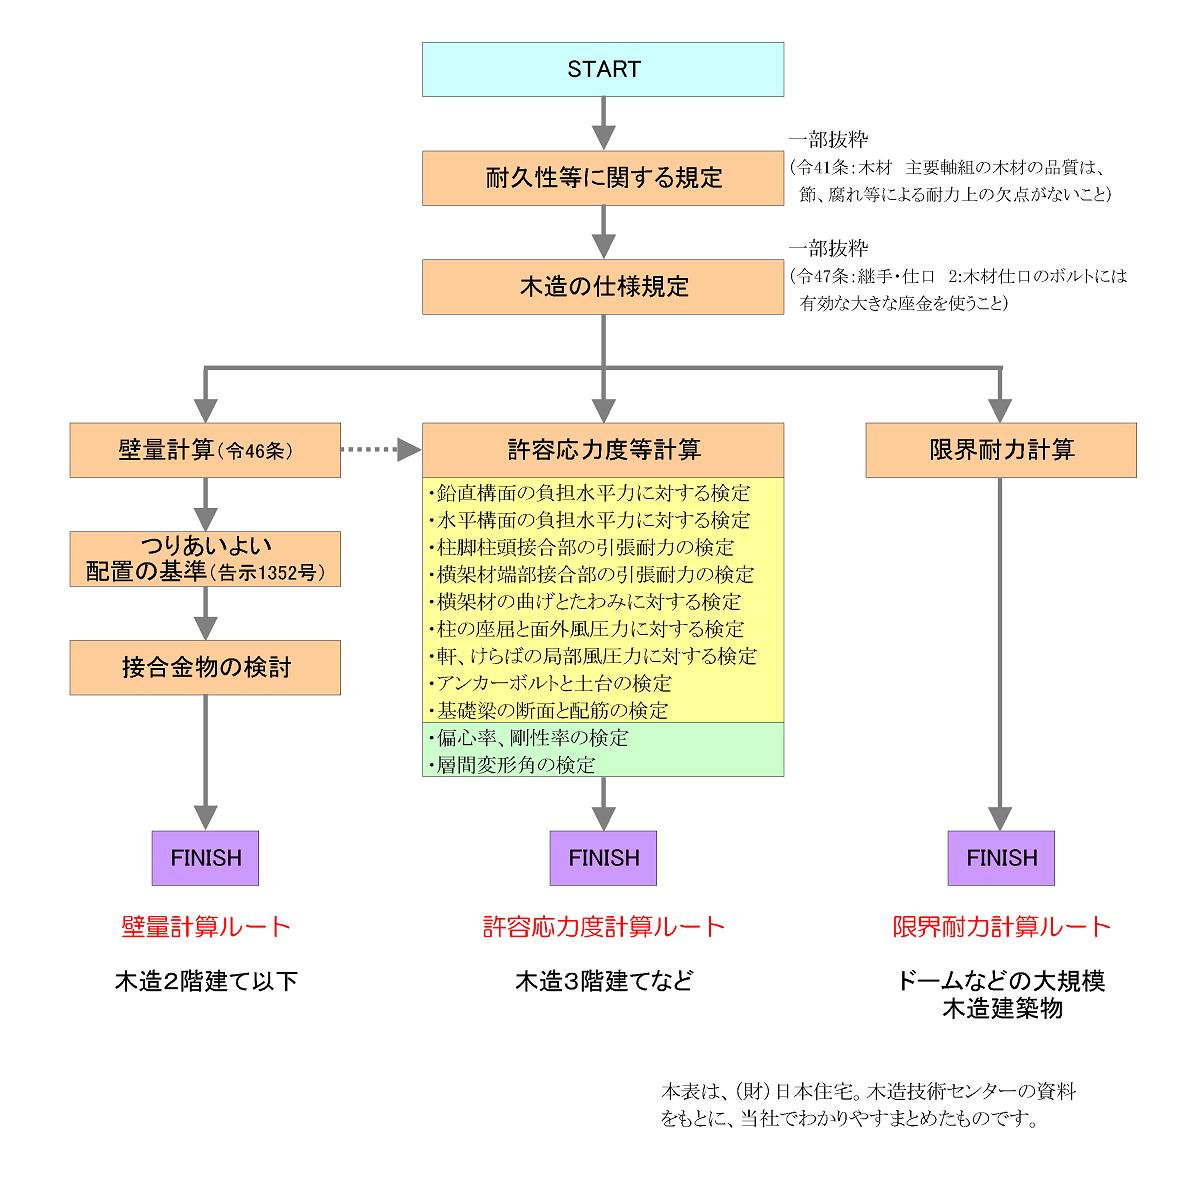 木造の構造計算ルート